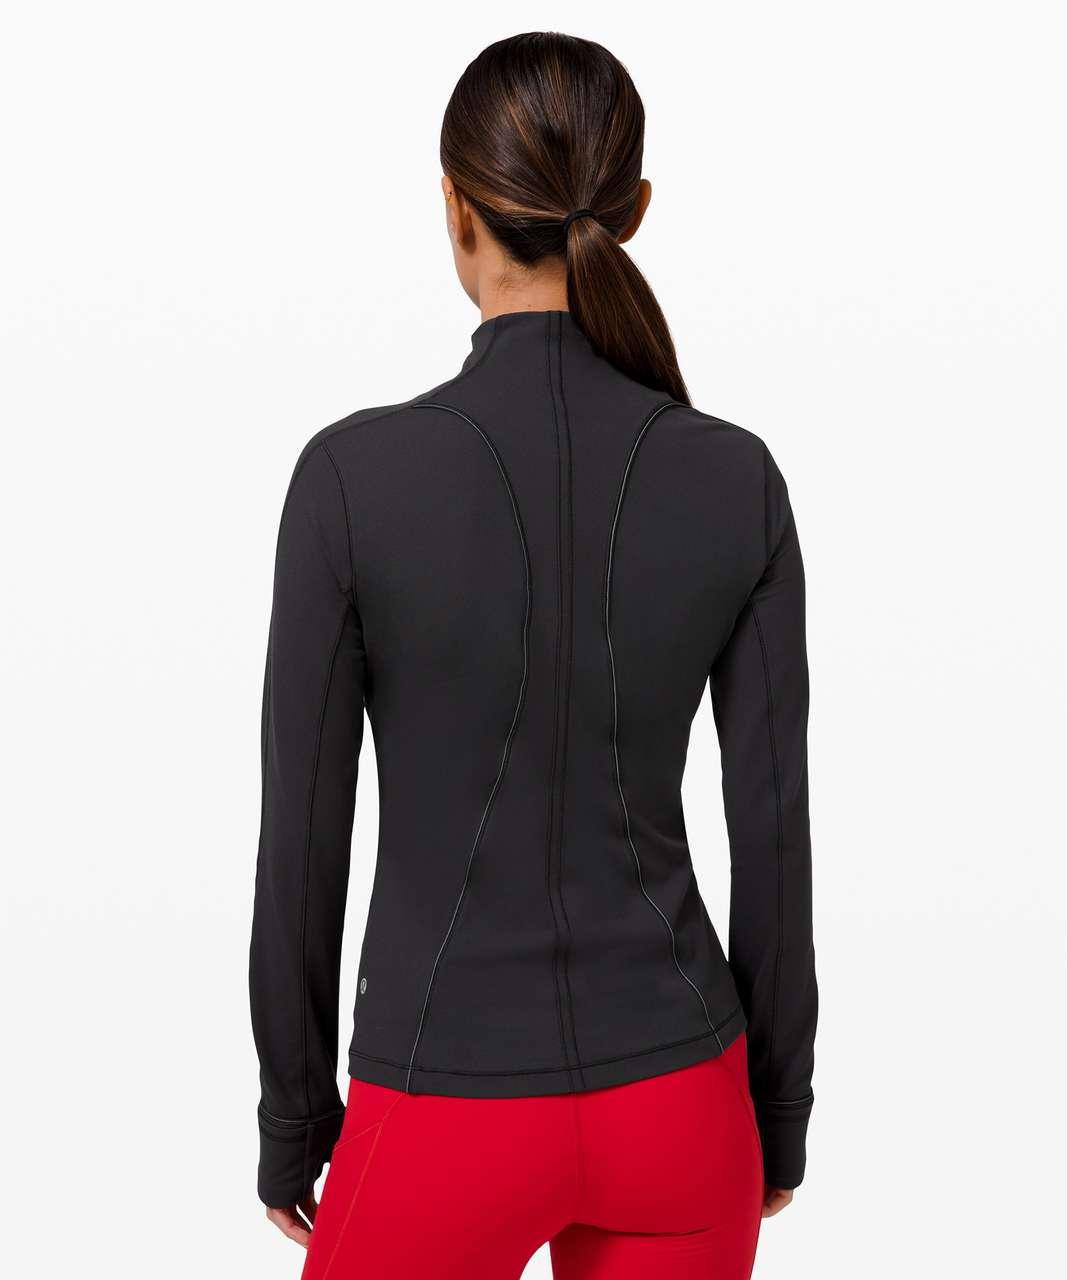 Lululemon Run Briskly 1/2 Zip - Black